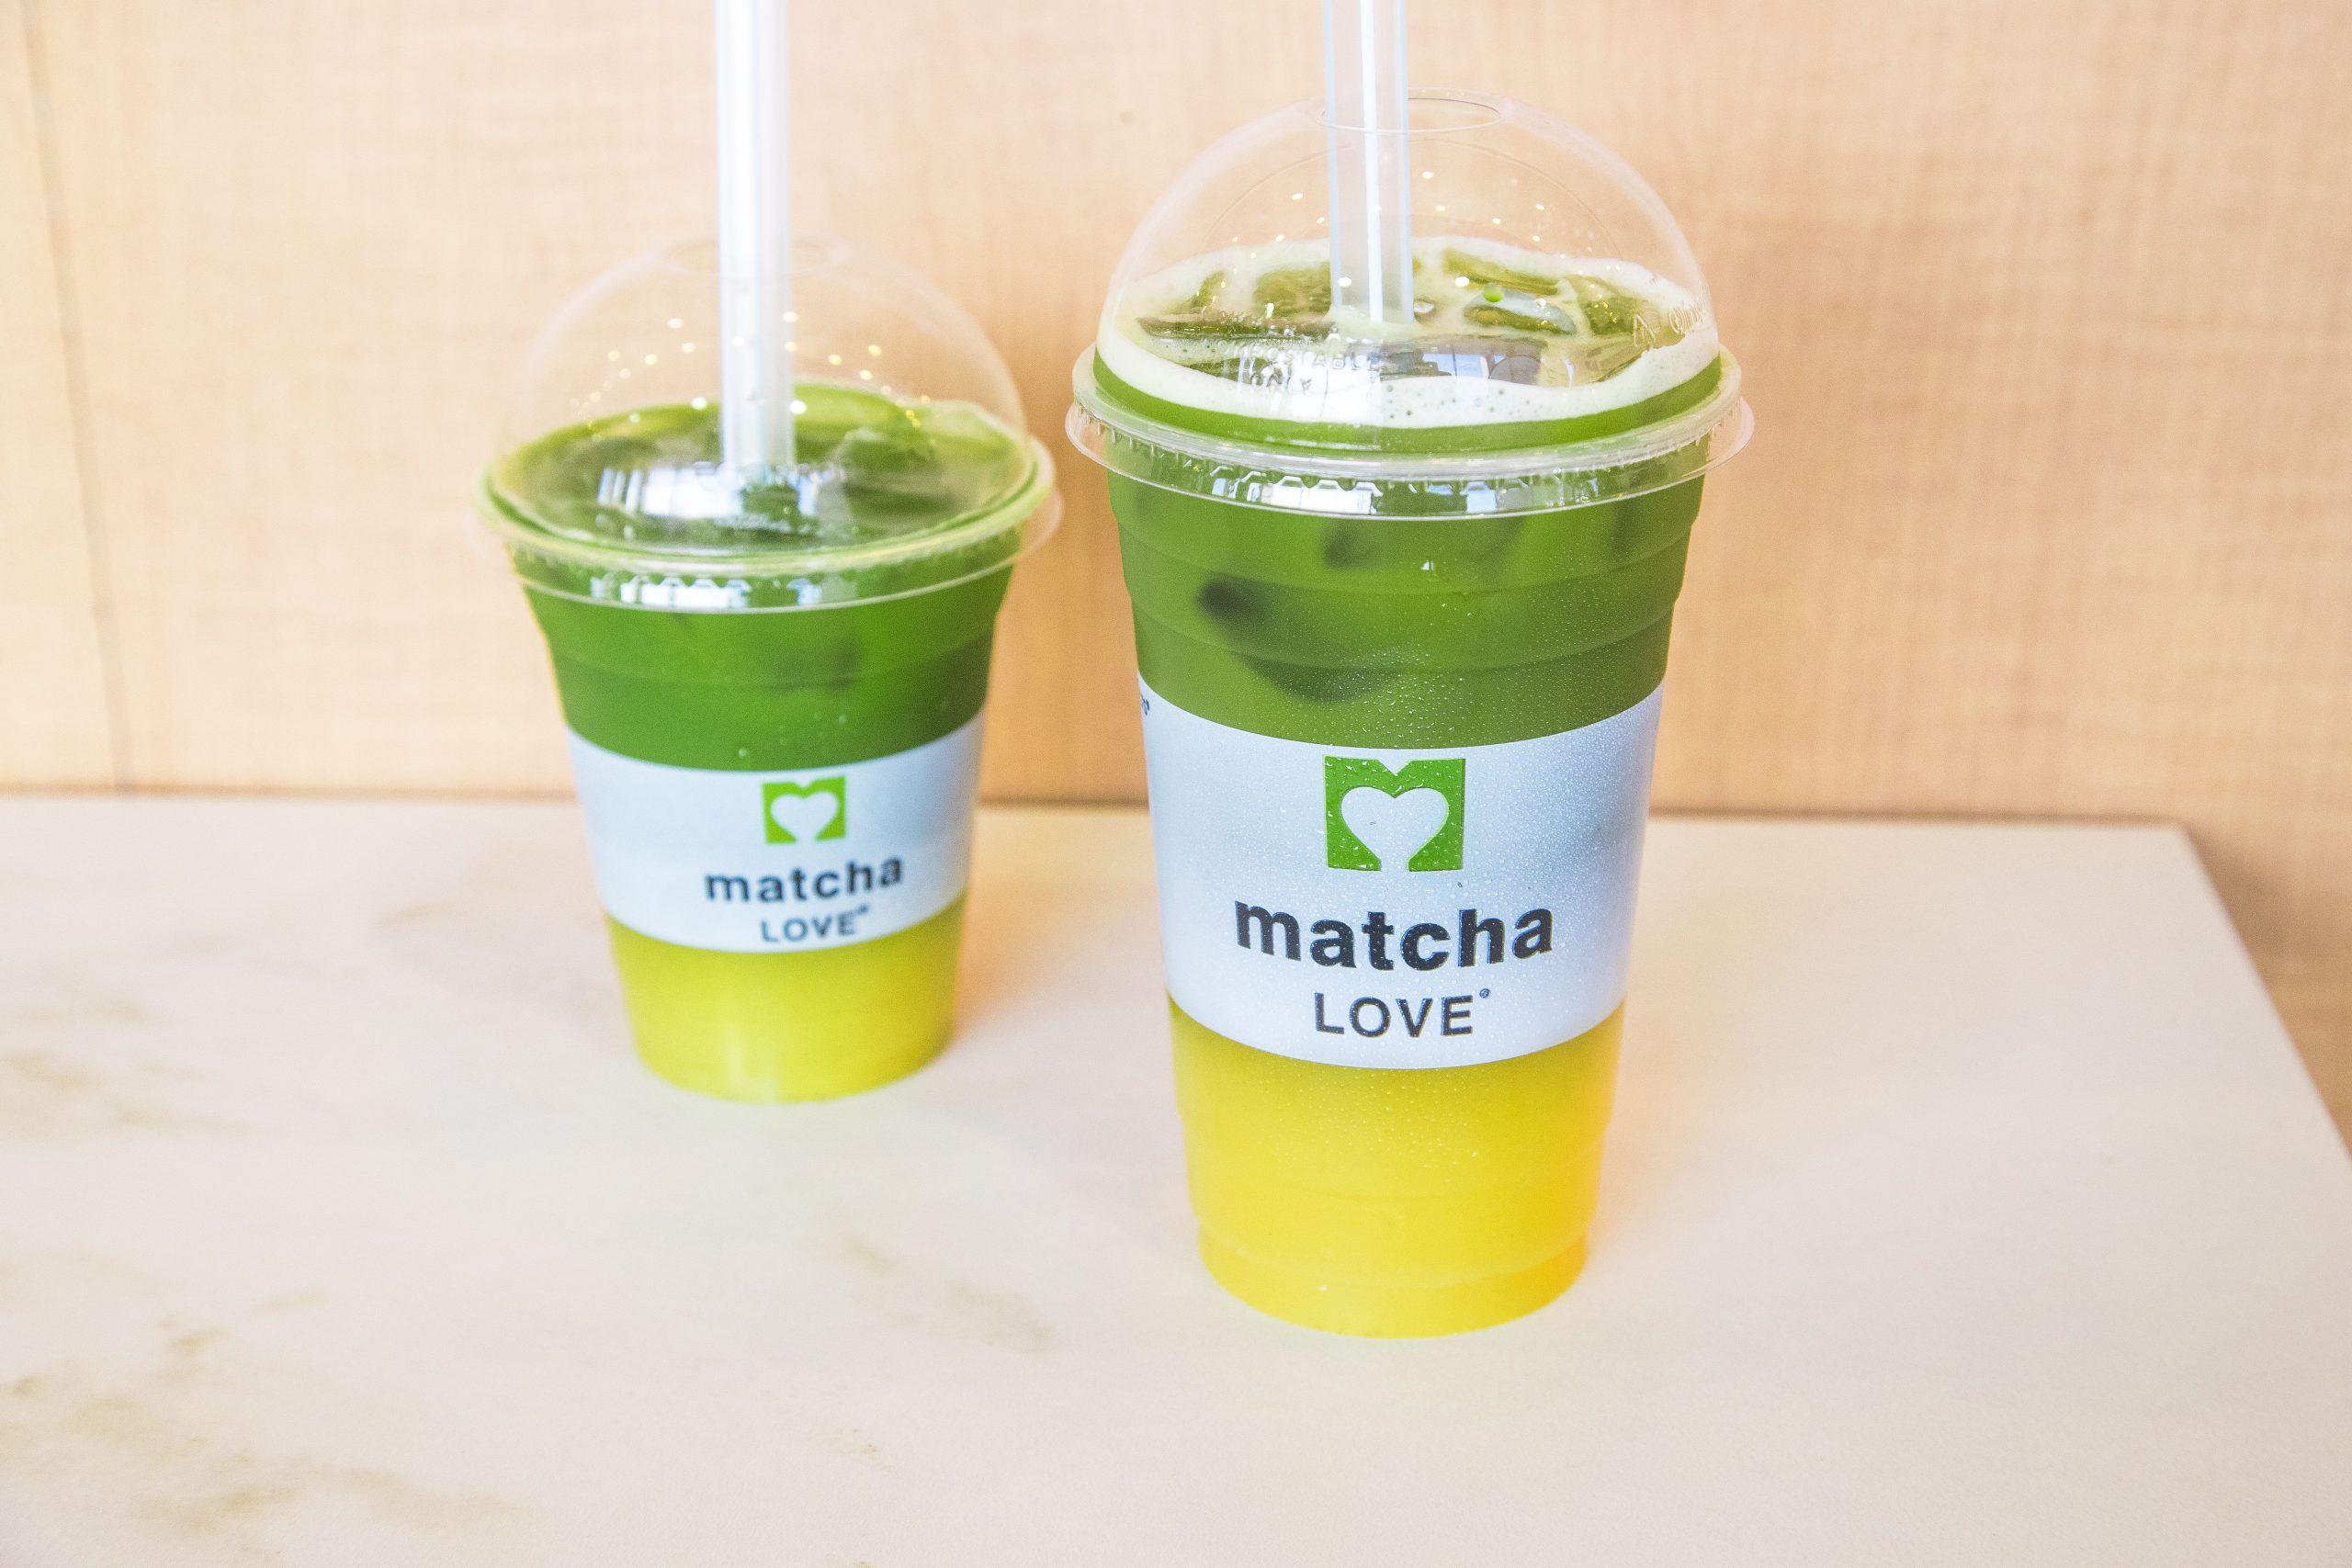 matcha-love